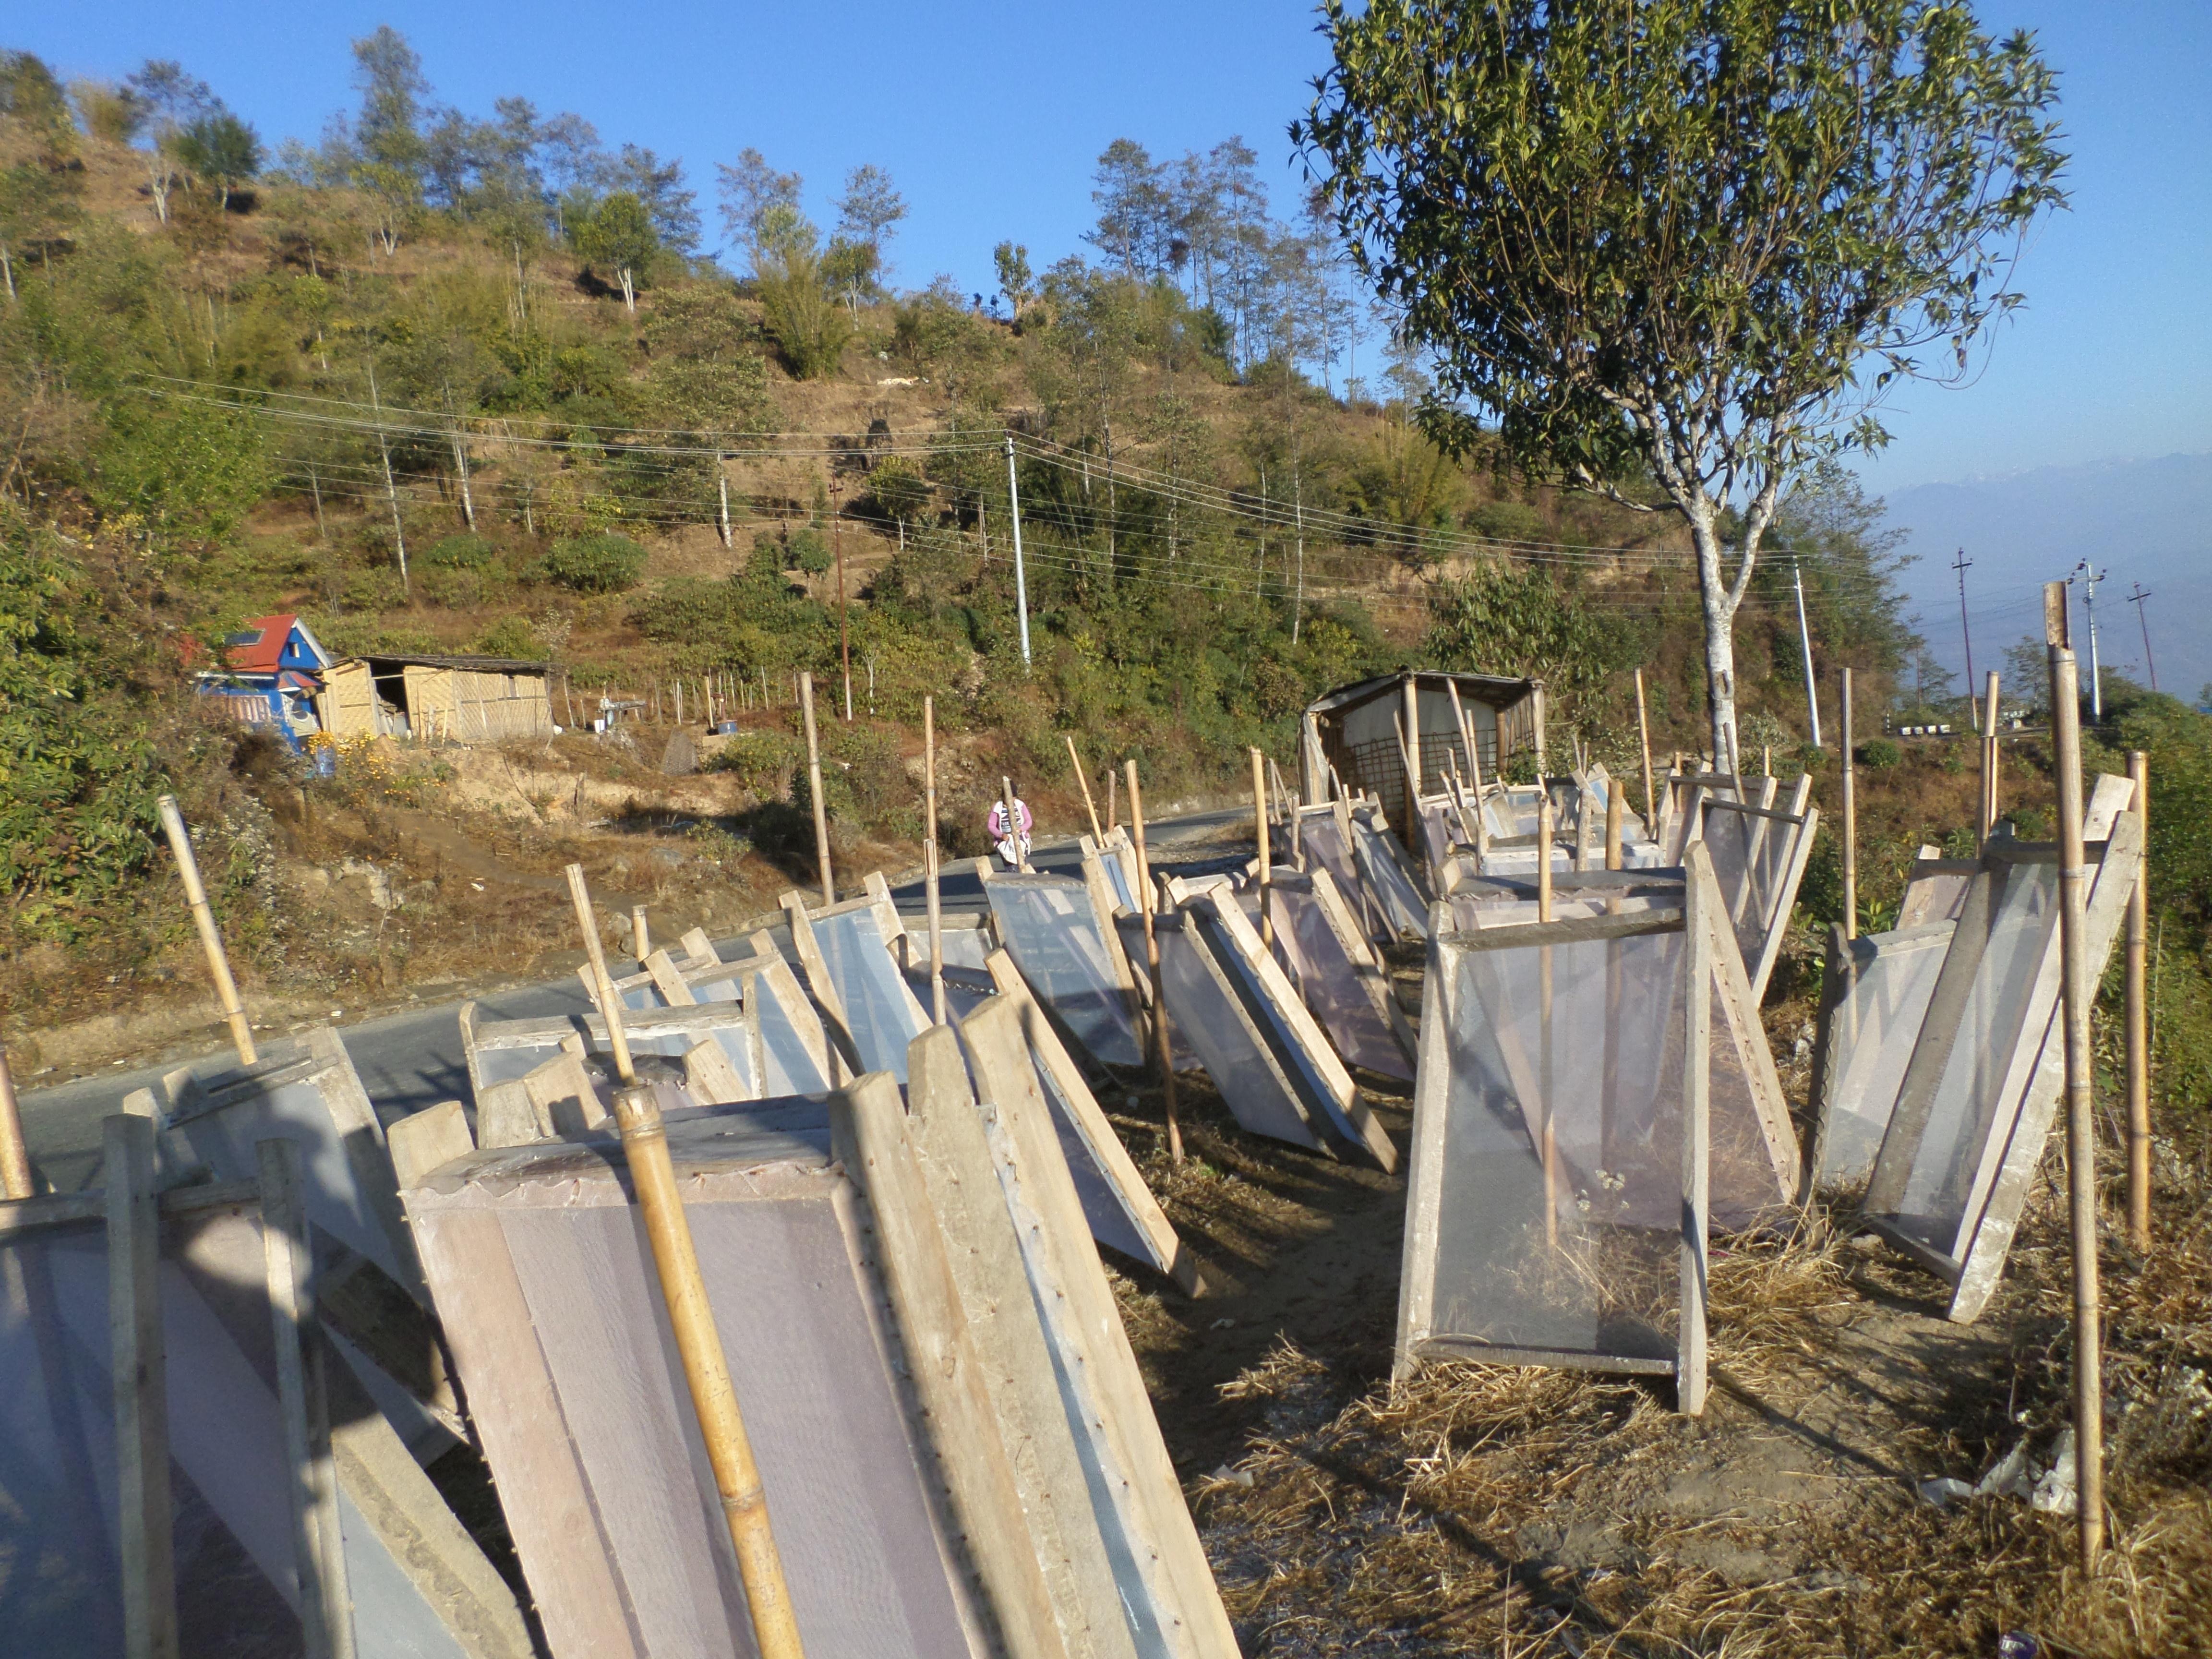 कागजको तयारीः फिदिम नगरपालिका ३ पान्थरका कृषकले पहाडे कागज बनाउने तयारीमा । तस्वीरः फिपराज बेघा ।